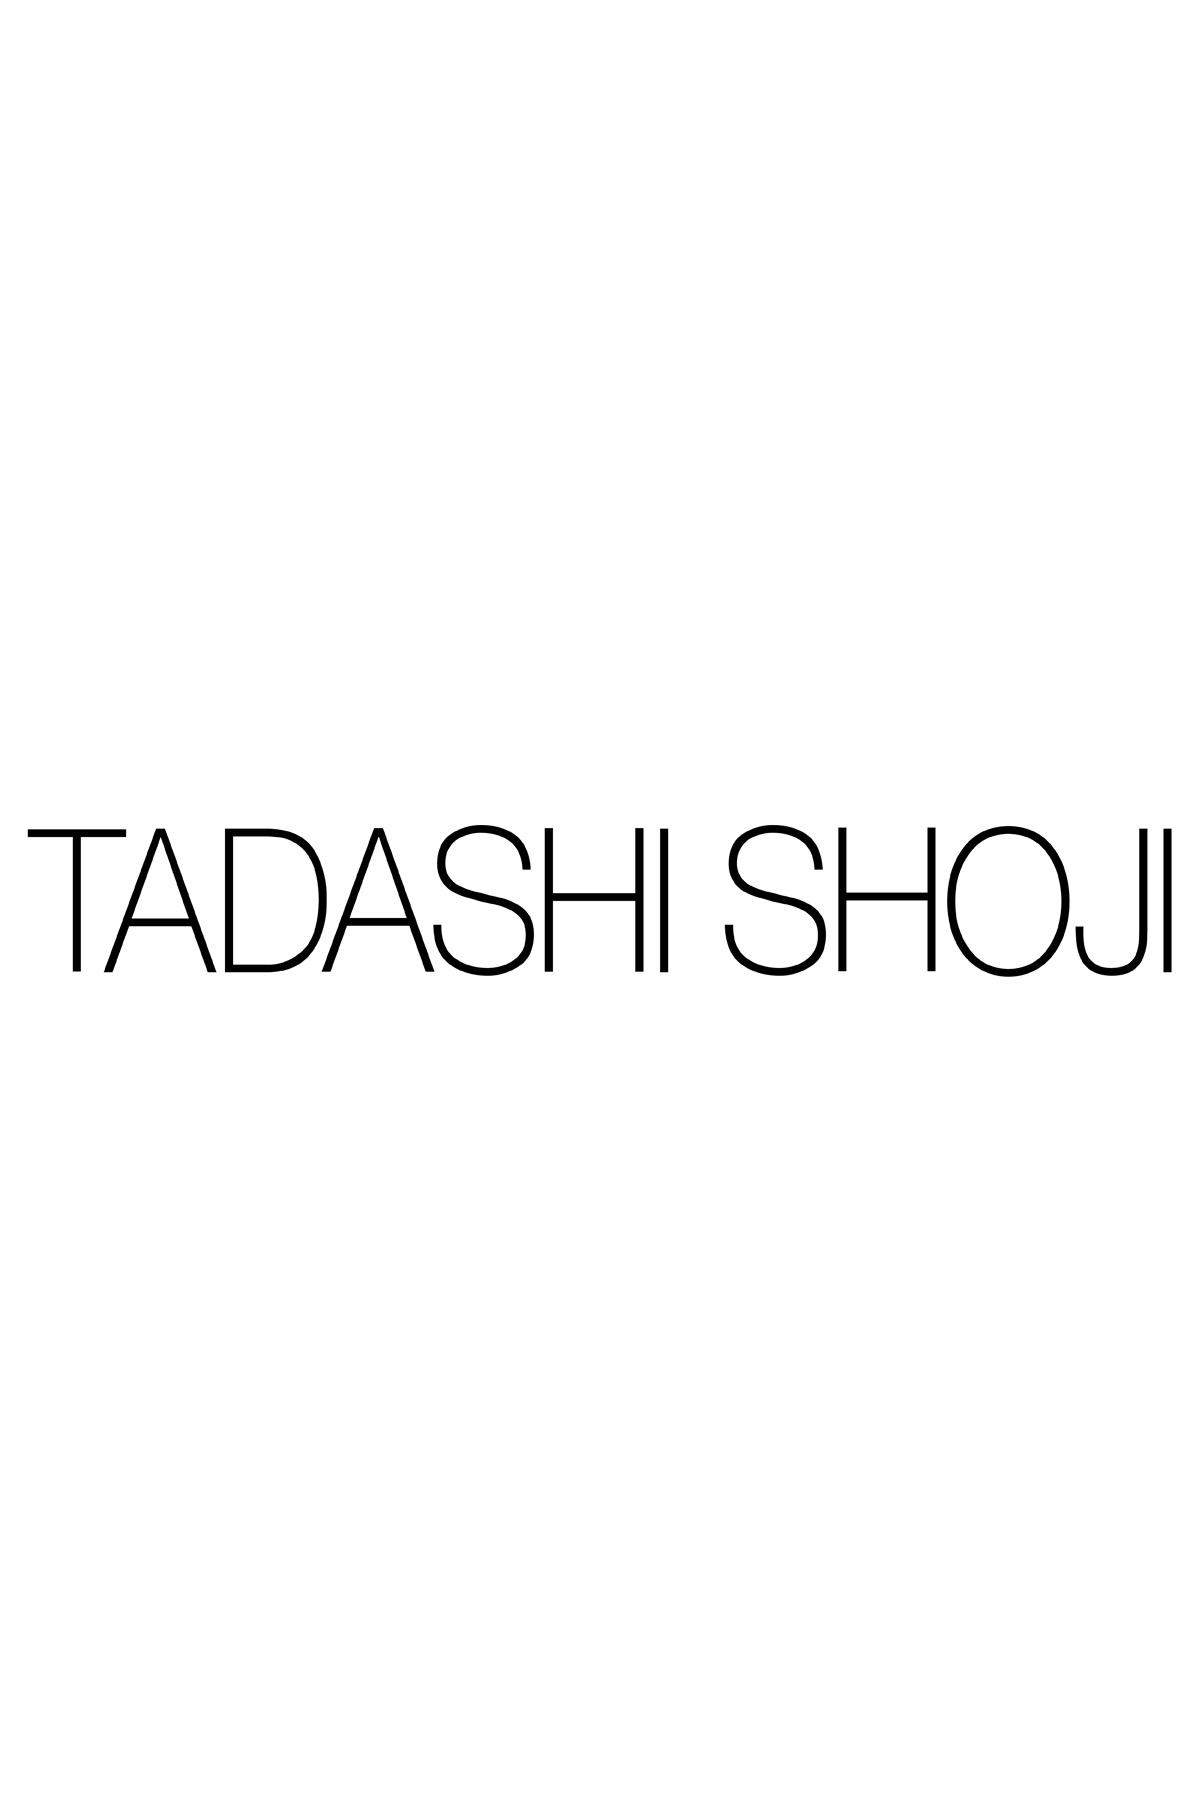 17c6e5d5f7 ... Tadashi Shoji - Whitson Off-The-Shoulder Sequin Gown - PLUS SIZE